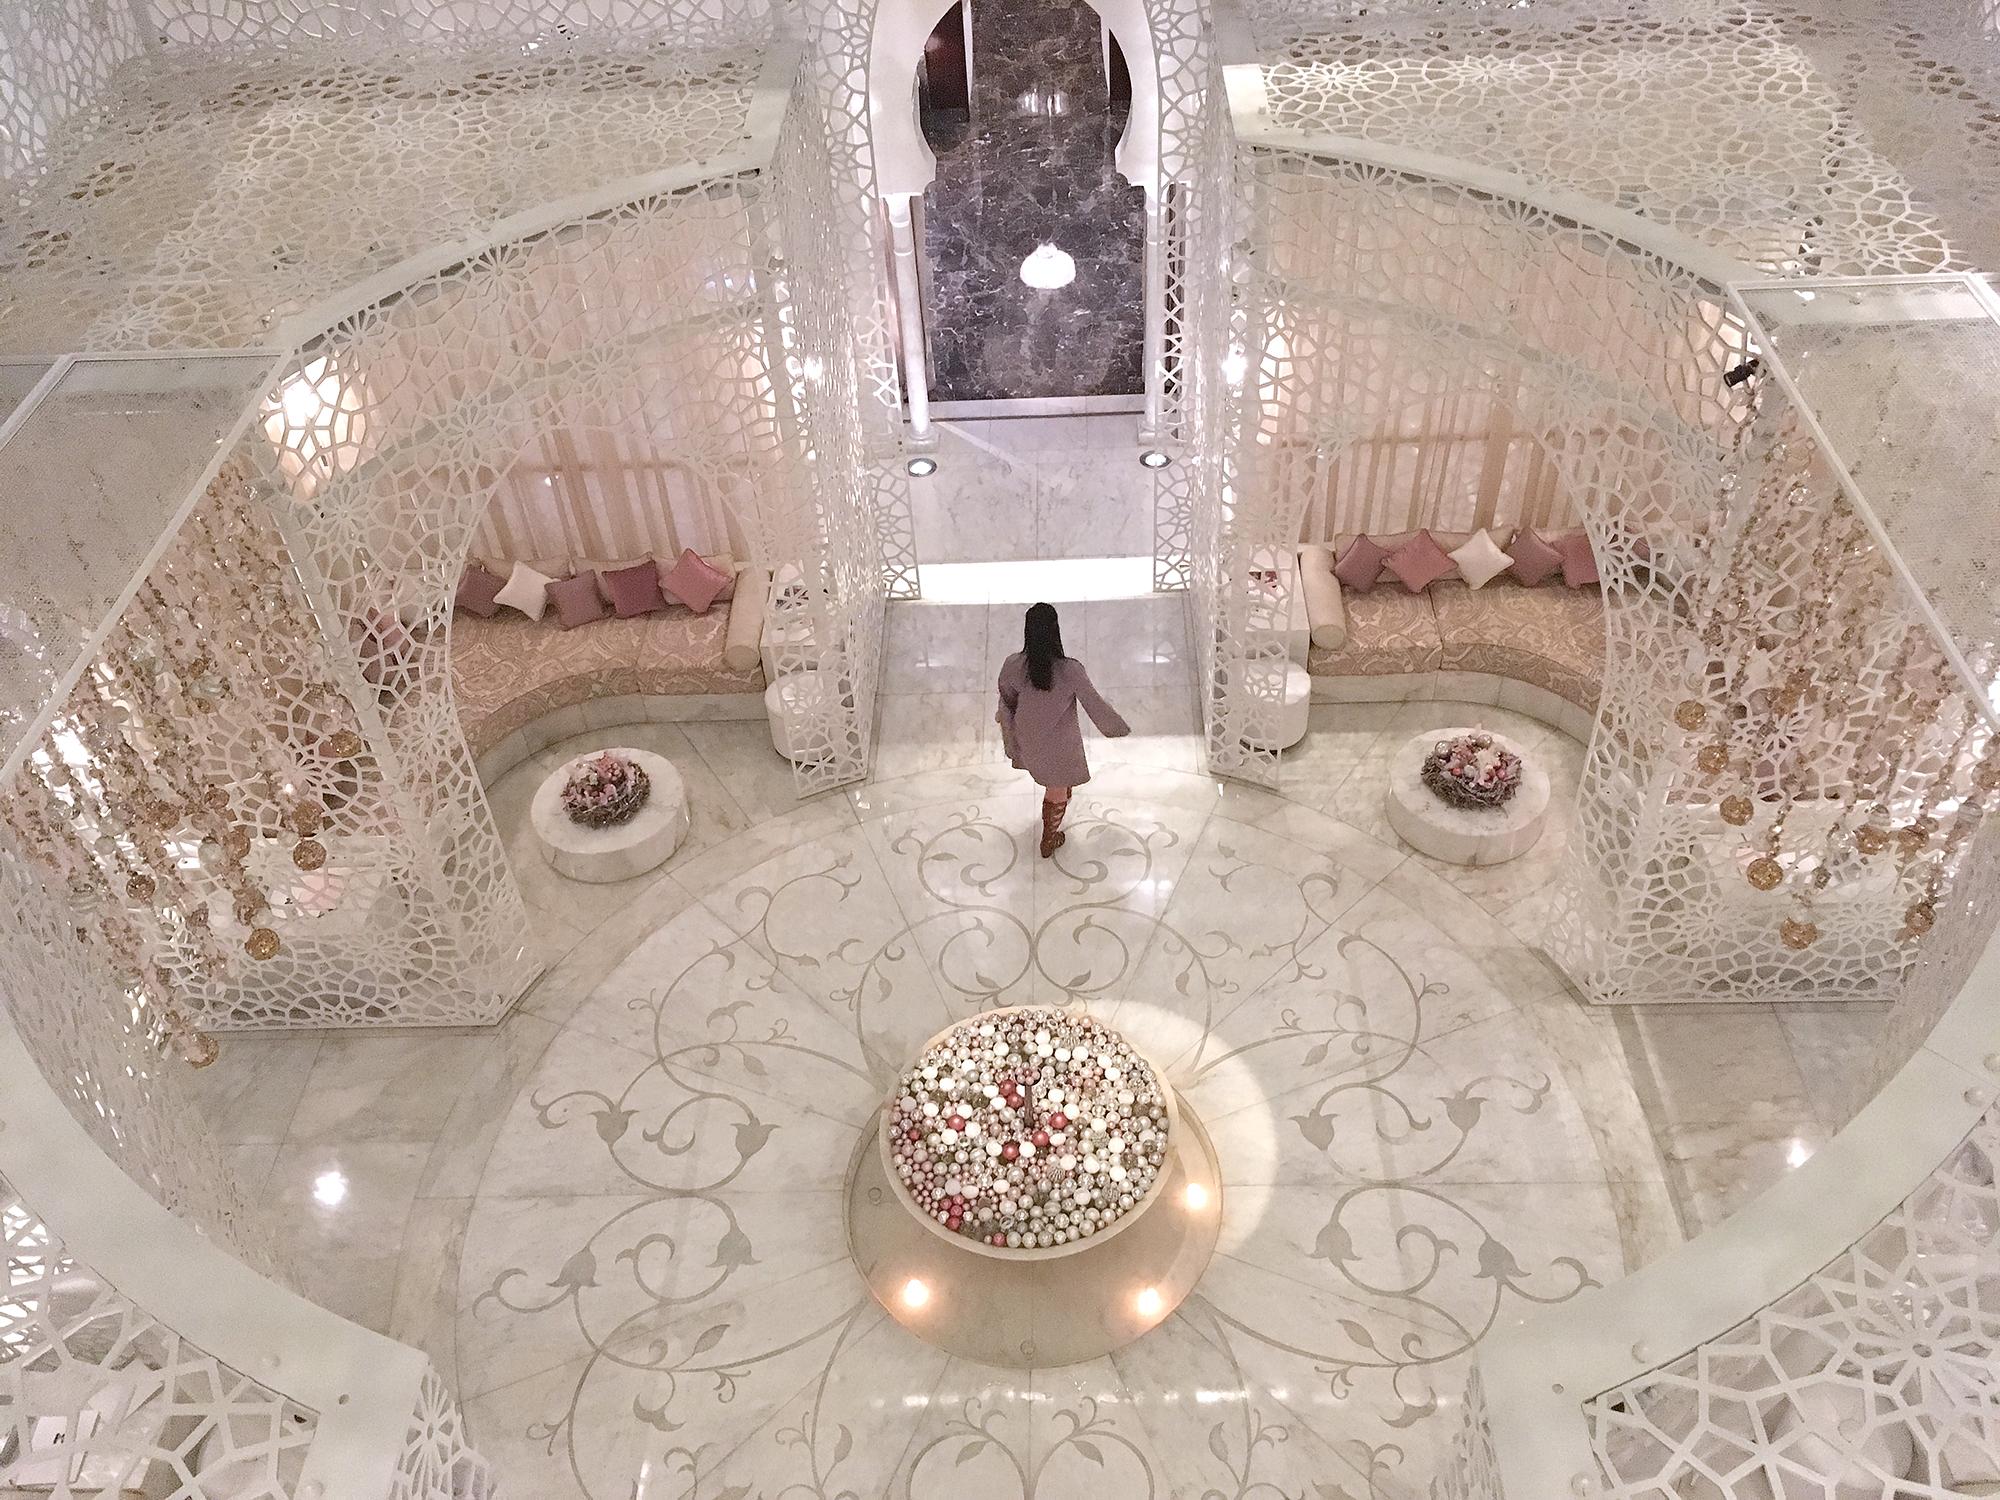 The Royal Mansour hammam, Marrakech